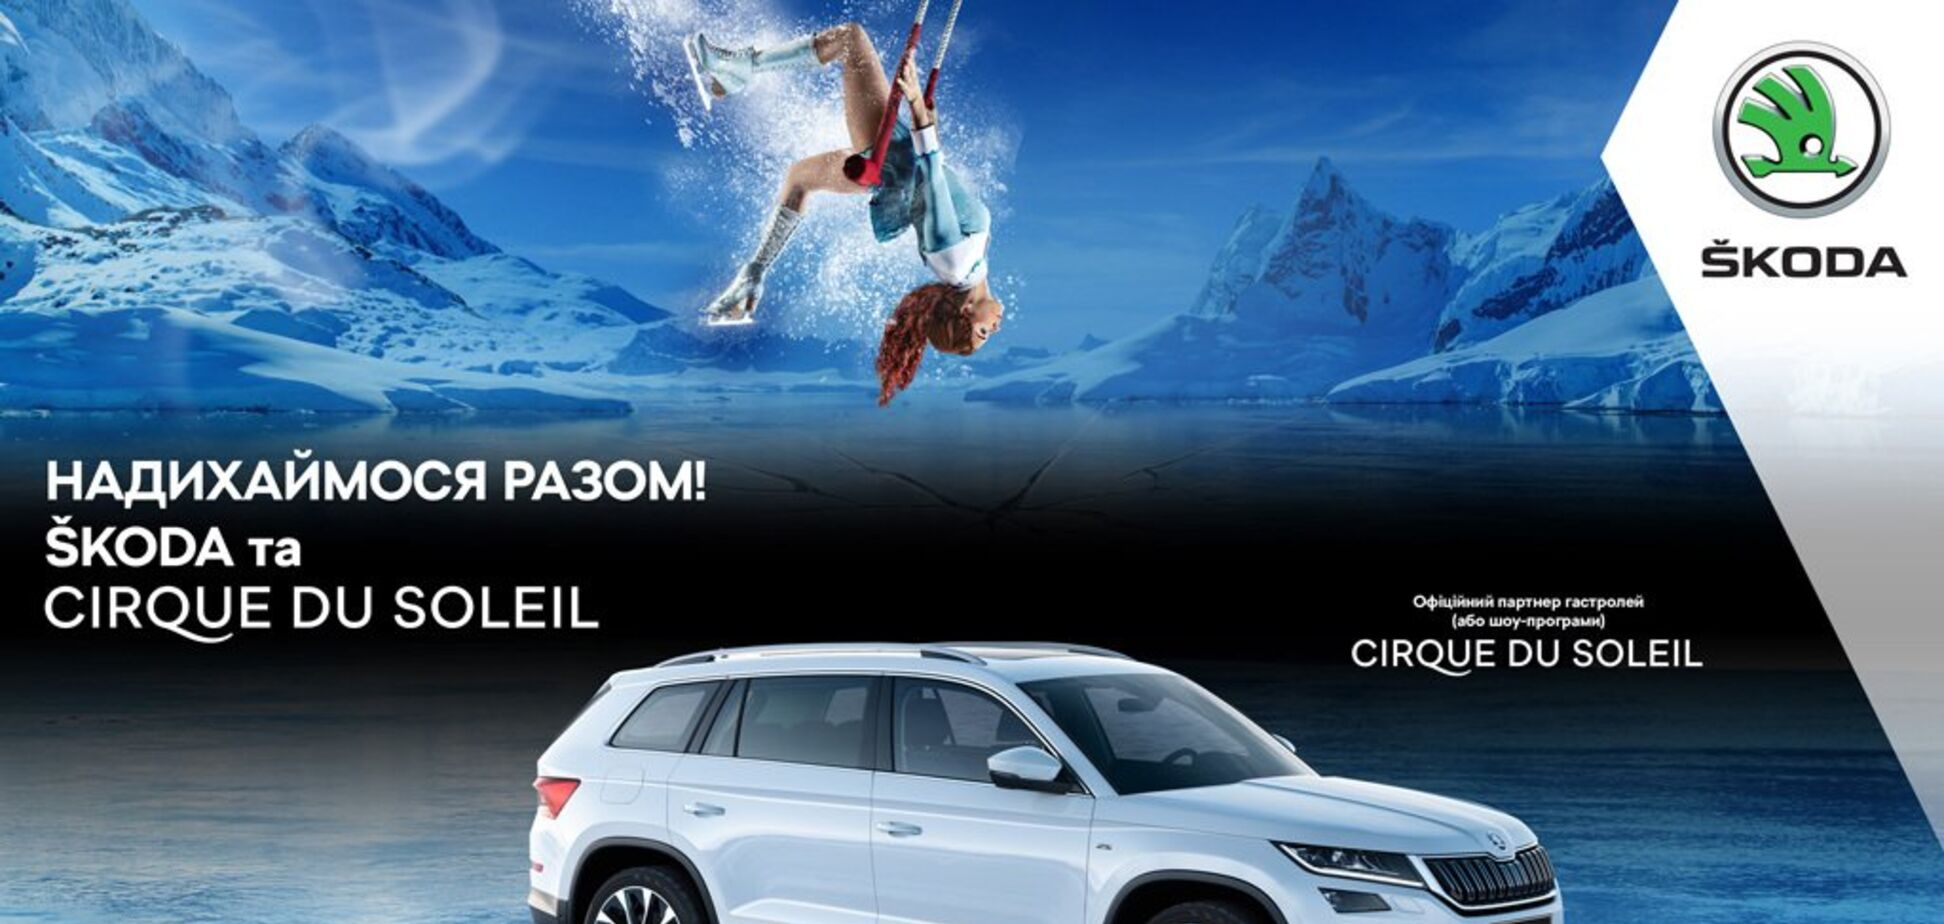 Skoda стала официальным партнером Cirque du Soleil в Украине